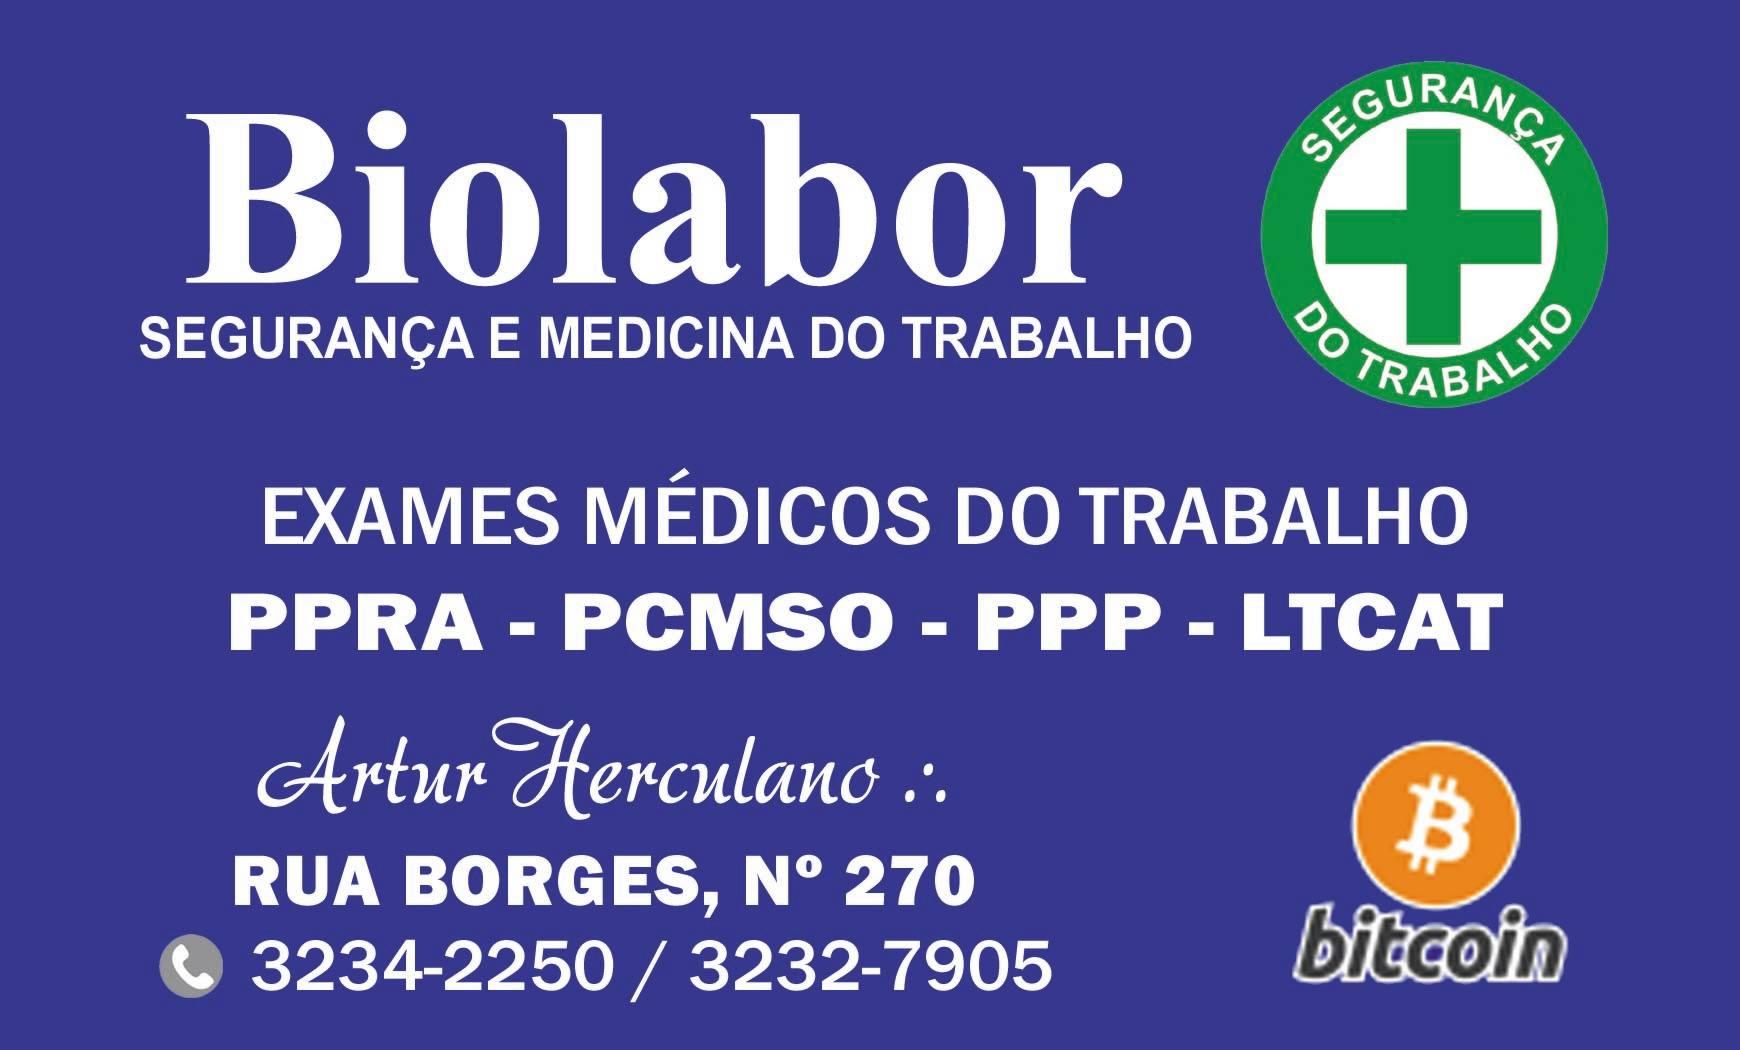 Ibtd - biolabor